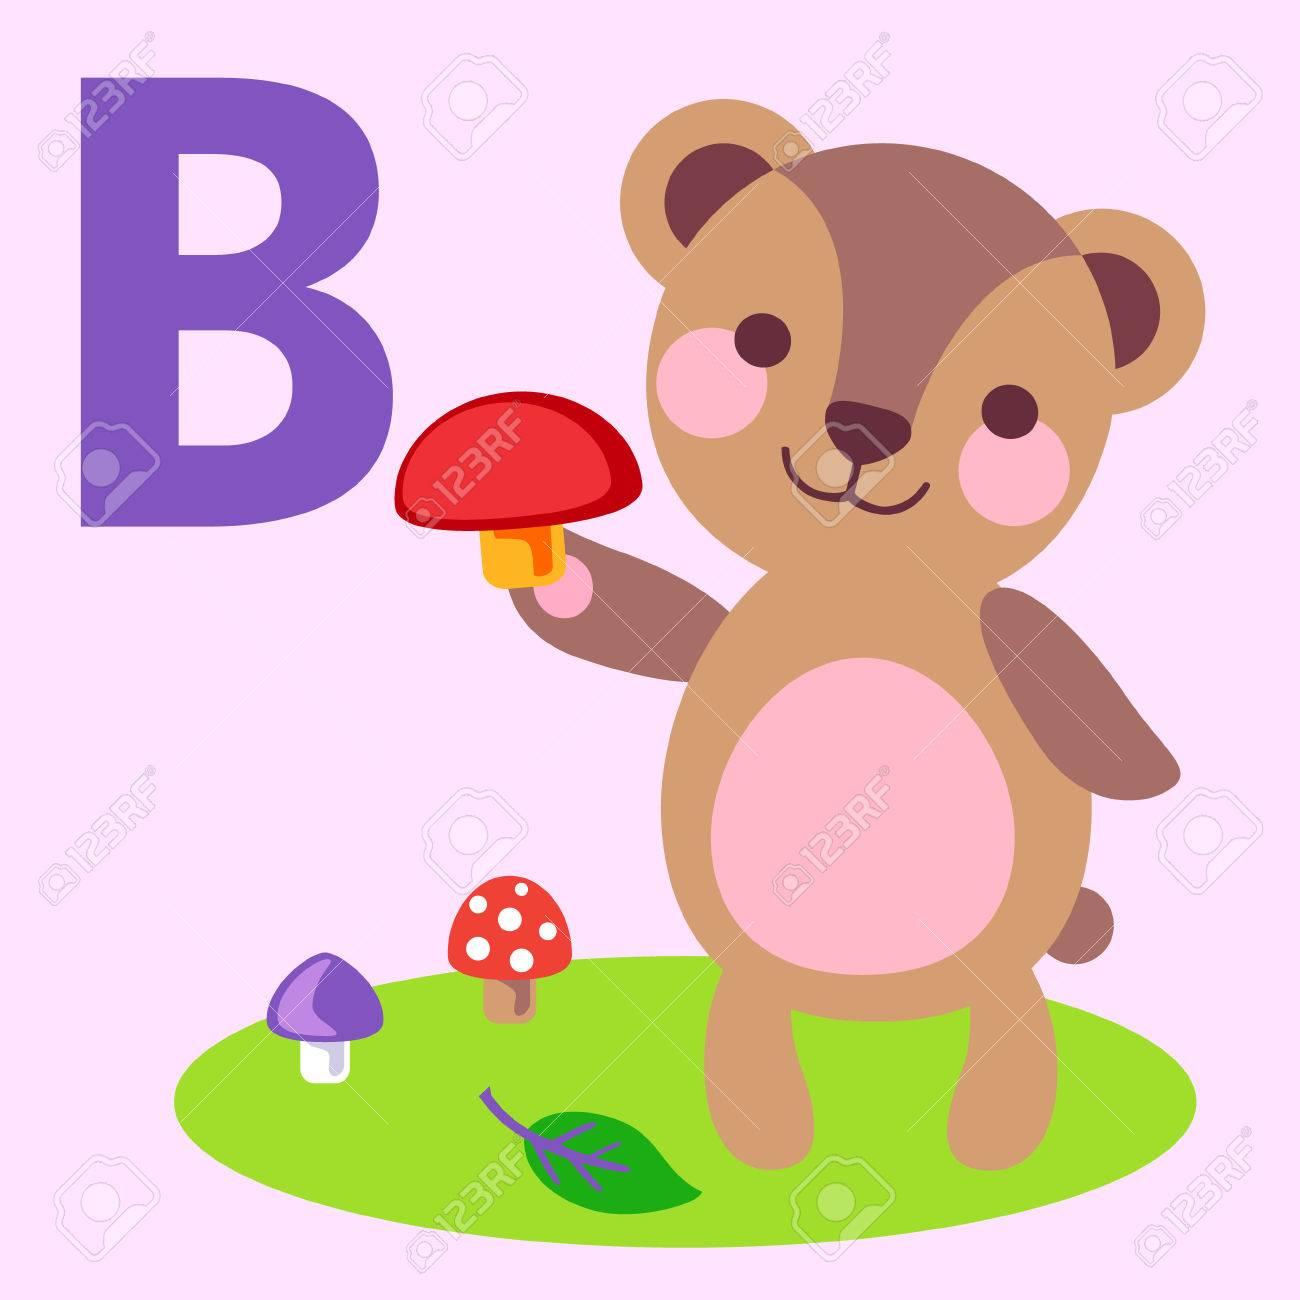 かわいい動物アルファベット abc 本。漫画の動物のベクトル イラスト。b